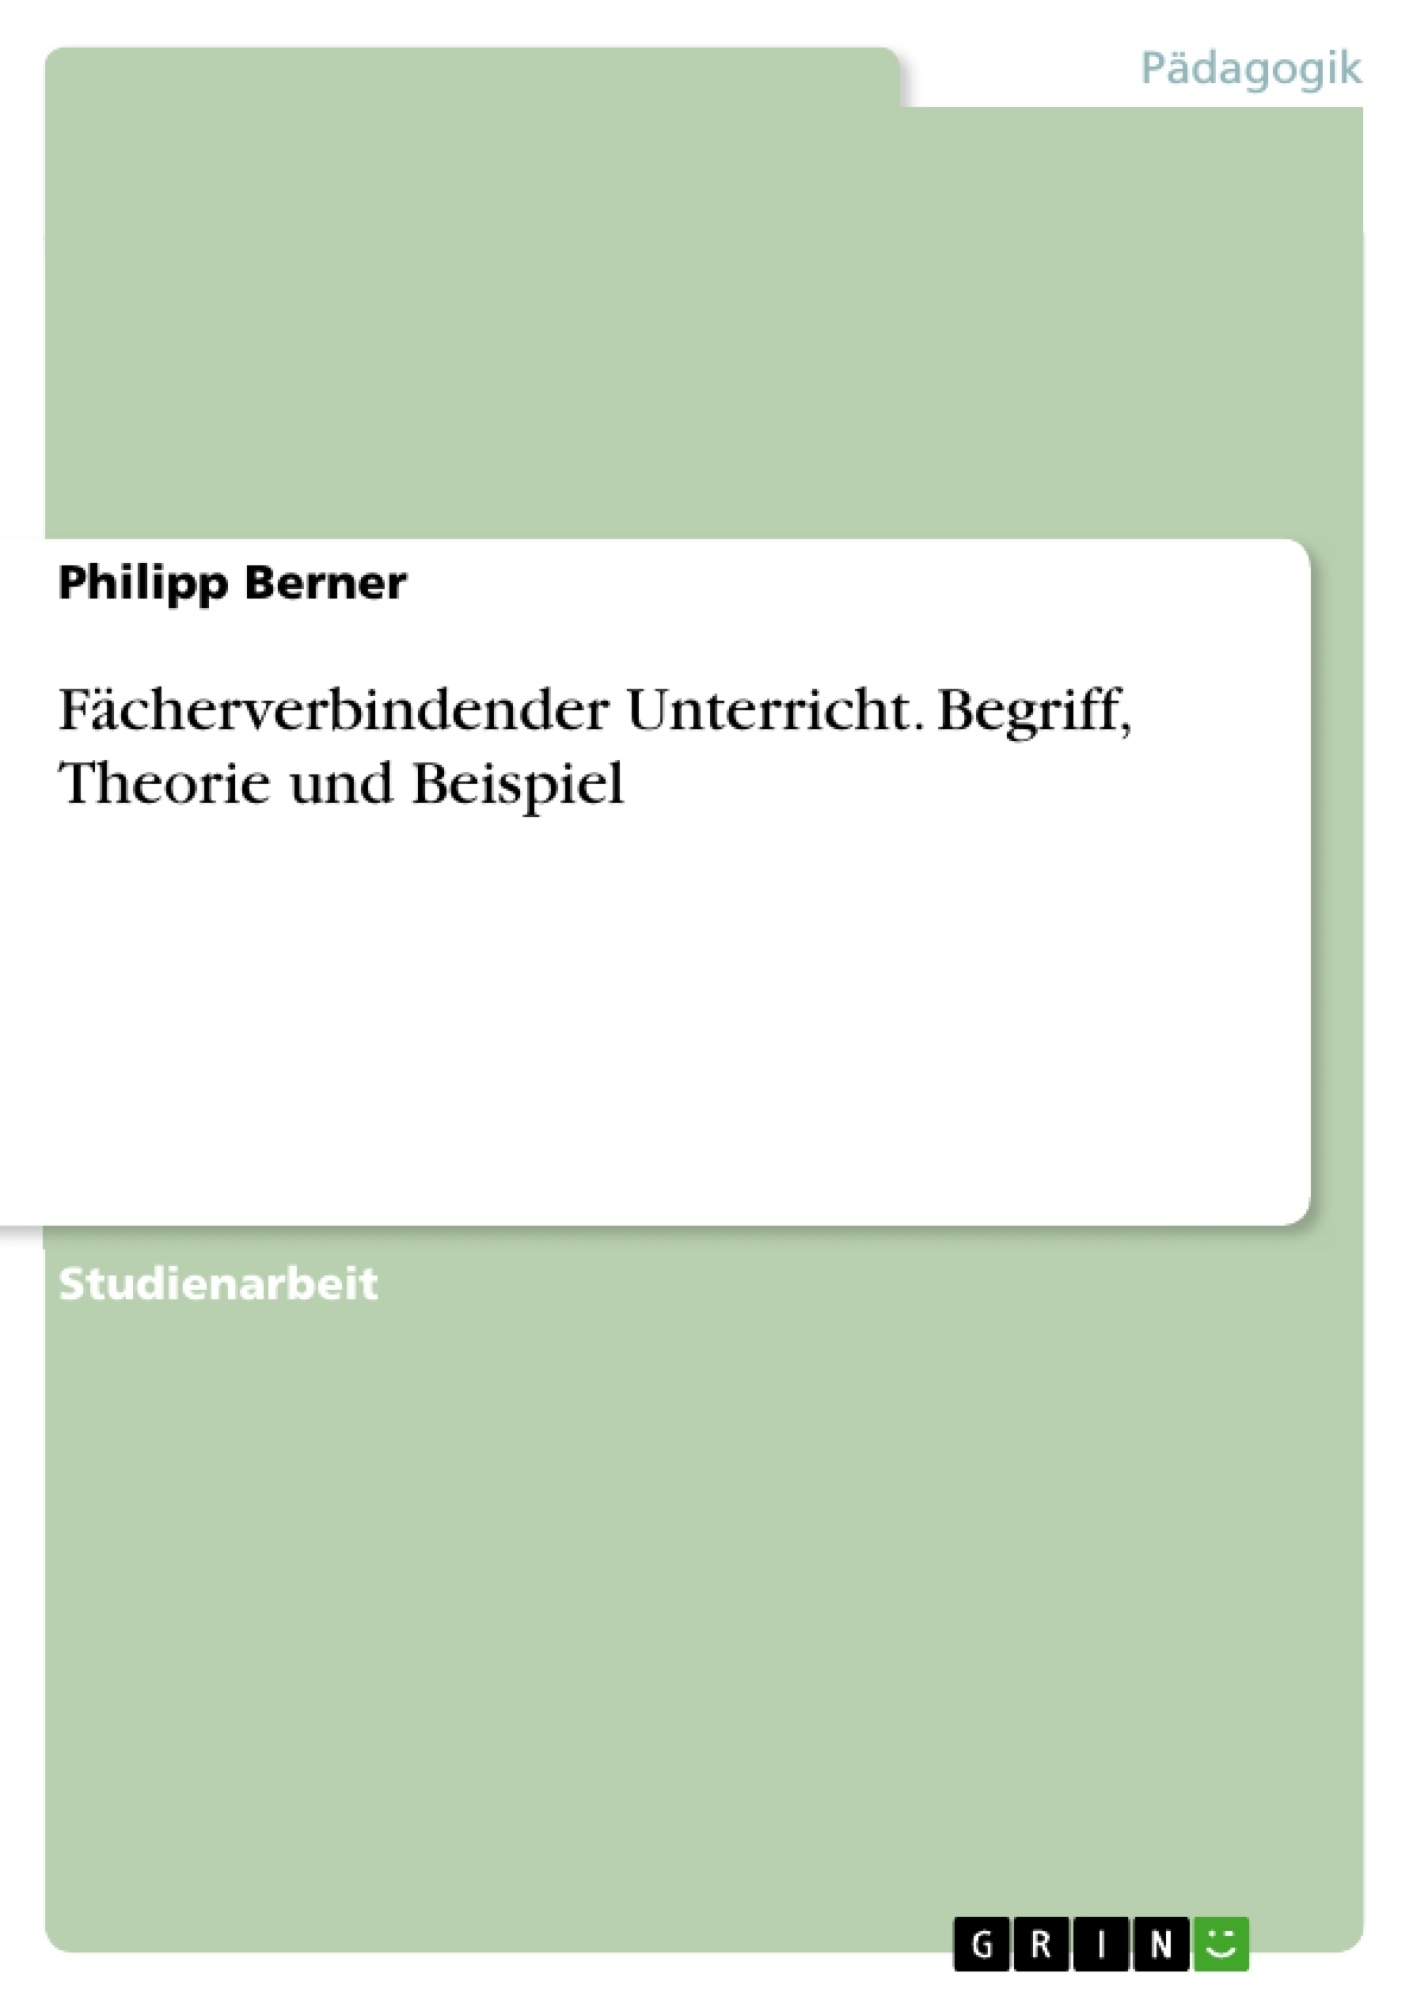 Titel: Fächerverbindender Unterricht. Begriff, Theorie und Beispiel